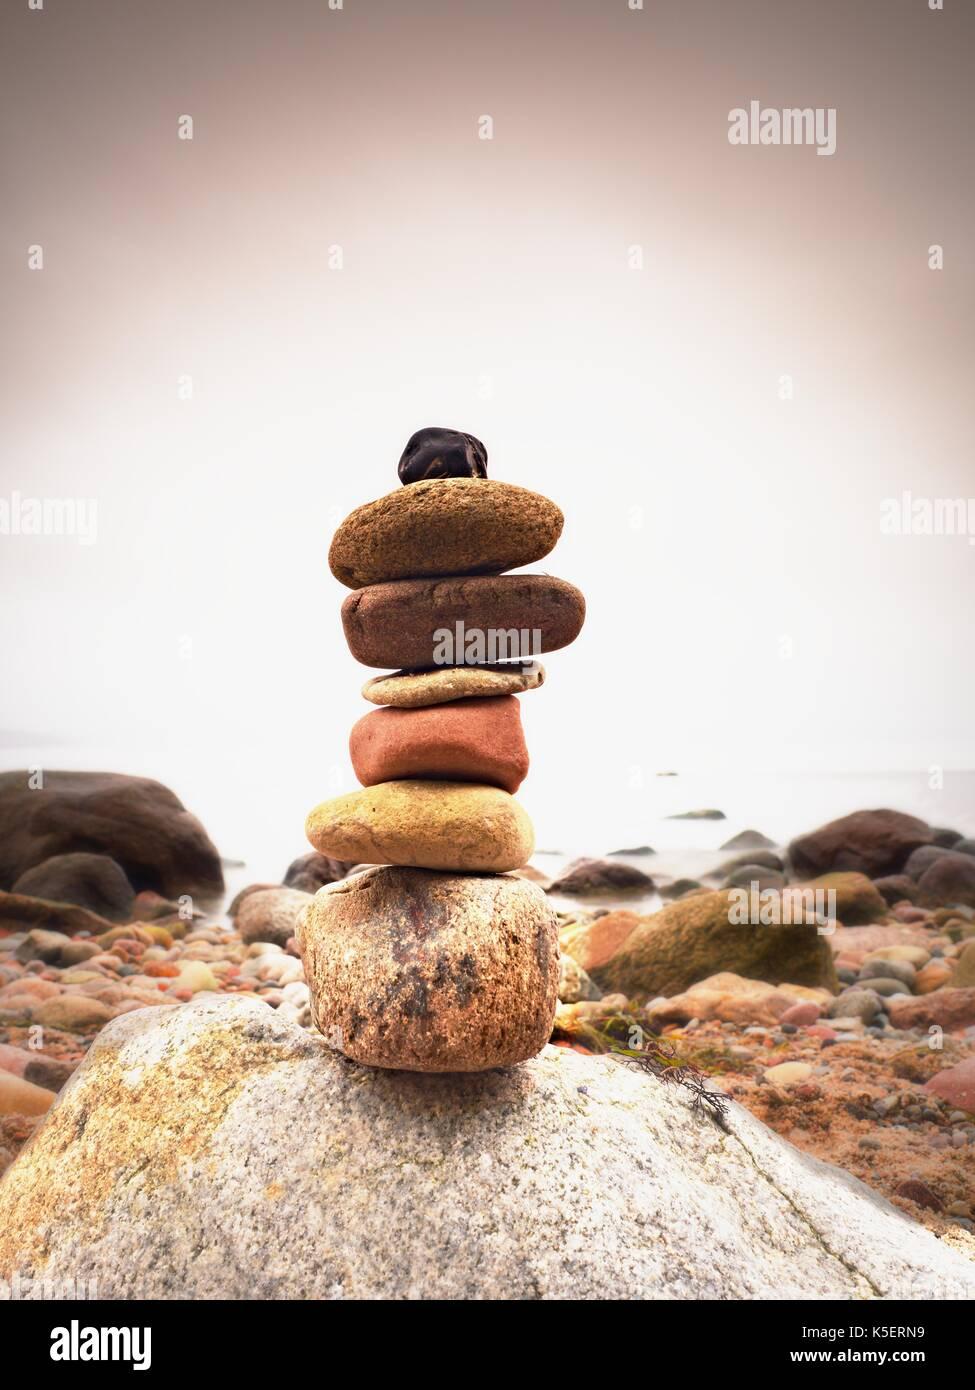 Steine Pyramide als Symbol für Zen, Harmonie, Balance Kieselsteinen. Ozean im Hintergrund. Bunte flache Steine für Meditation liegen auf steinigem Strand Stockbild